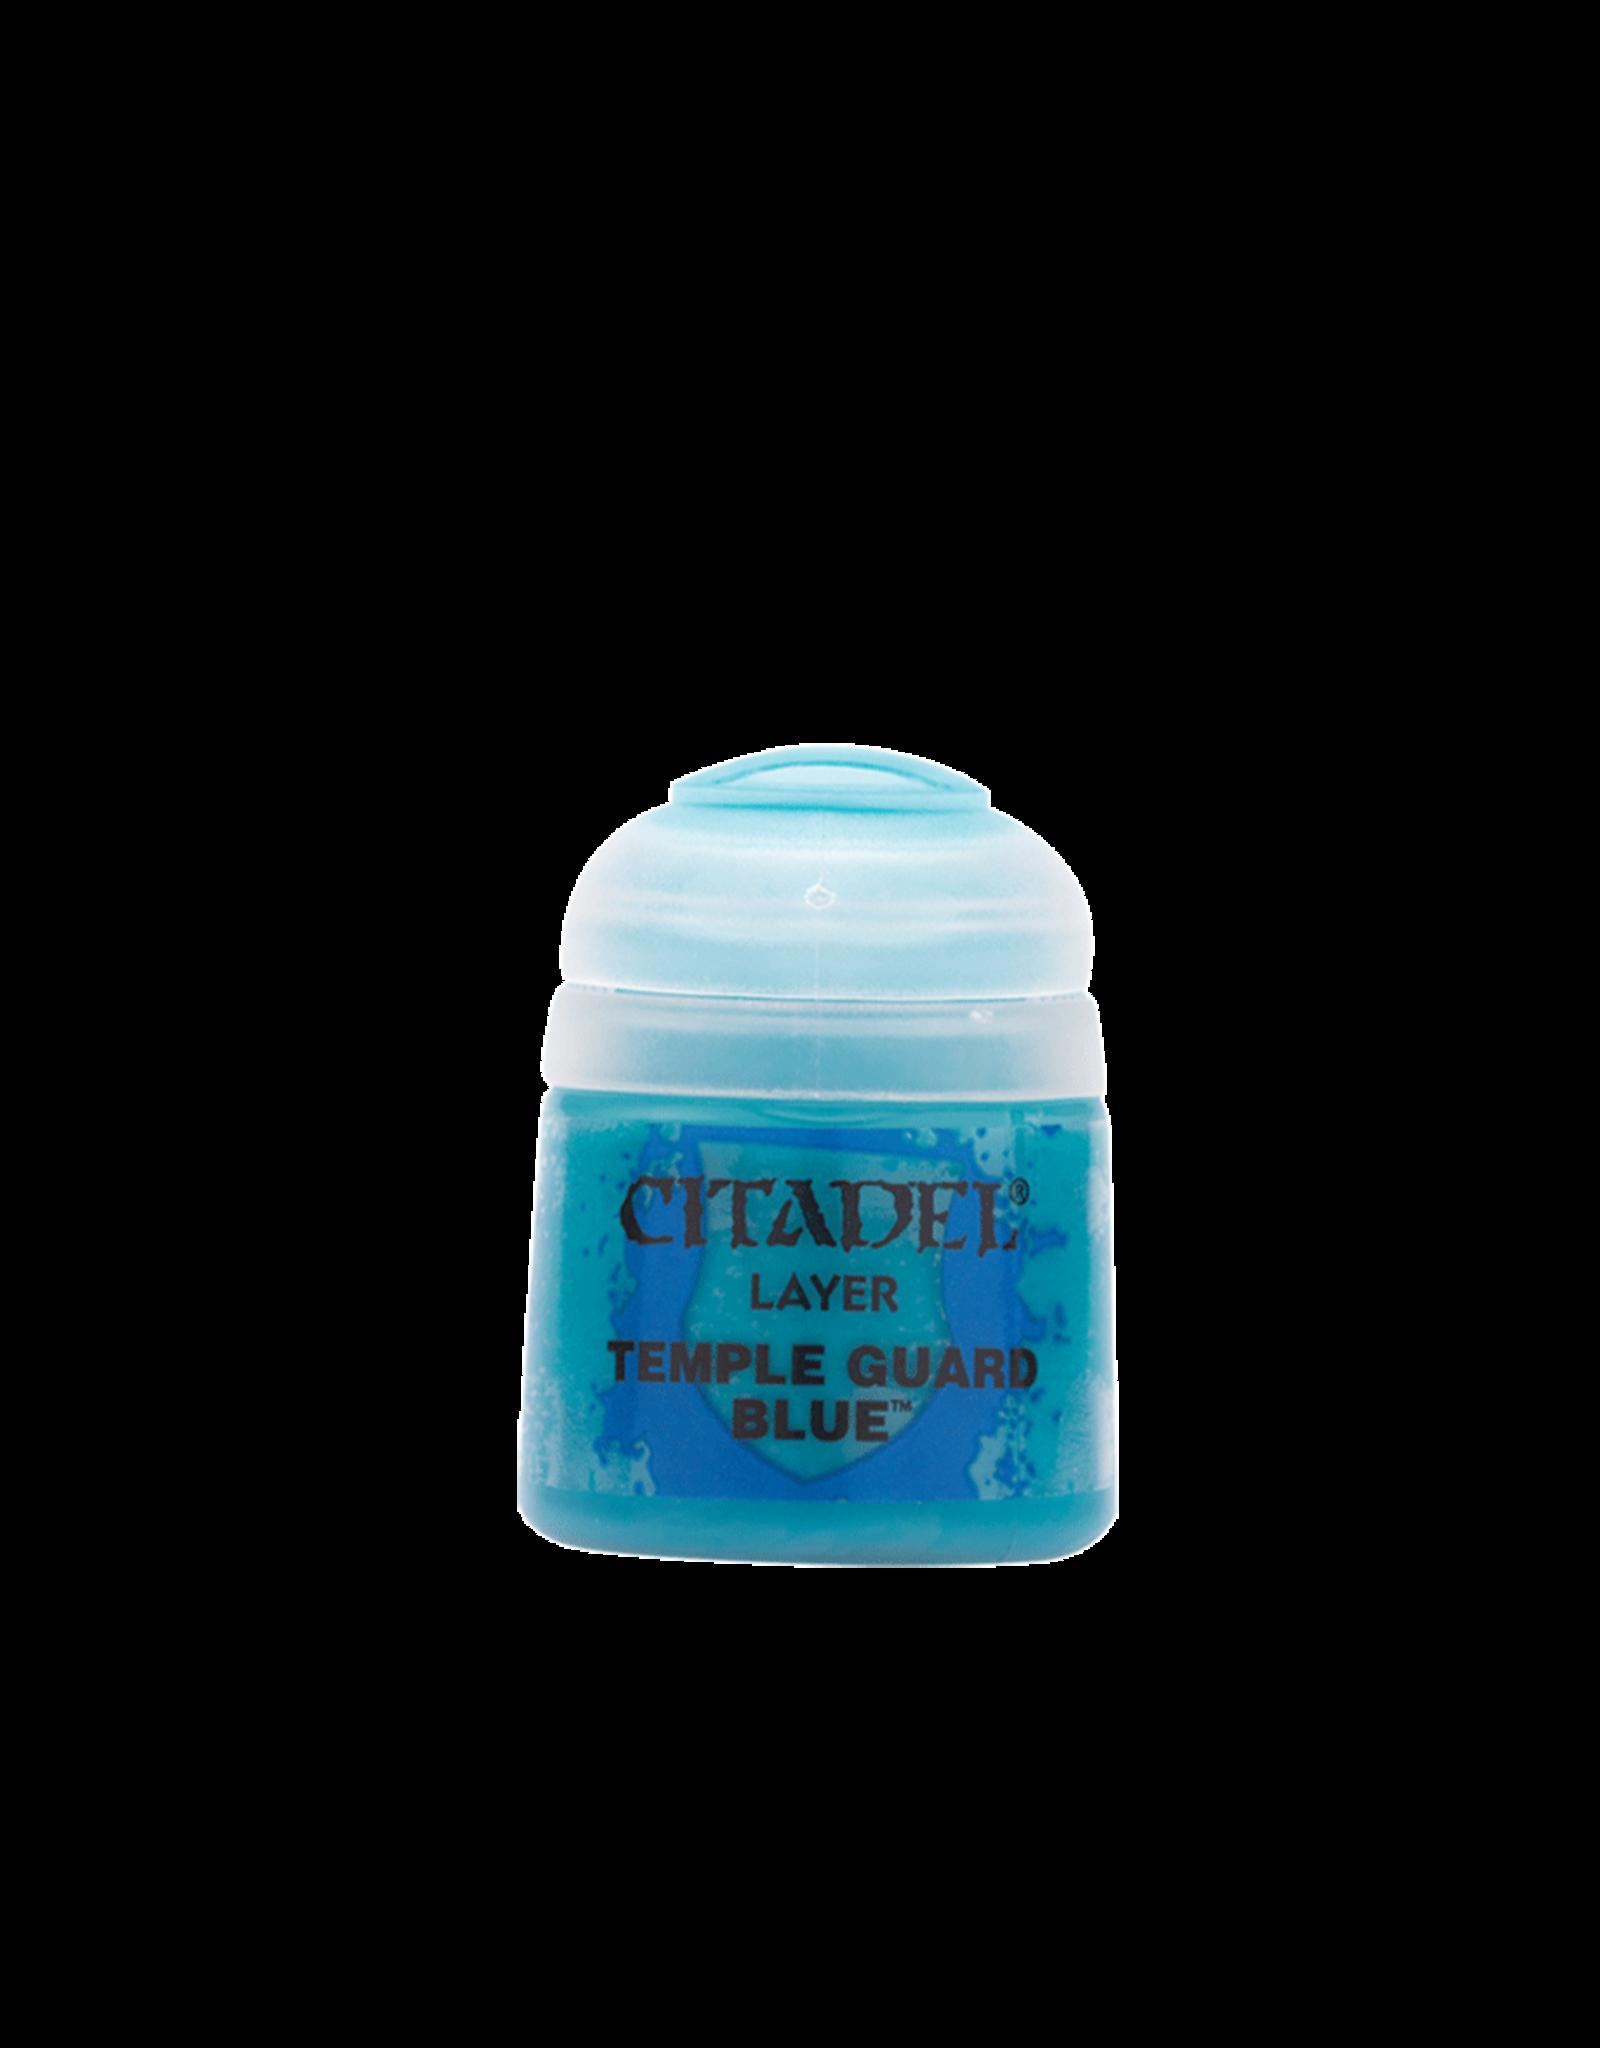 Citadel Citadel Paints: Layer - Temple Guard Blue